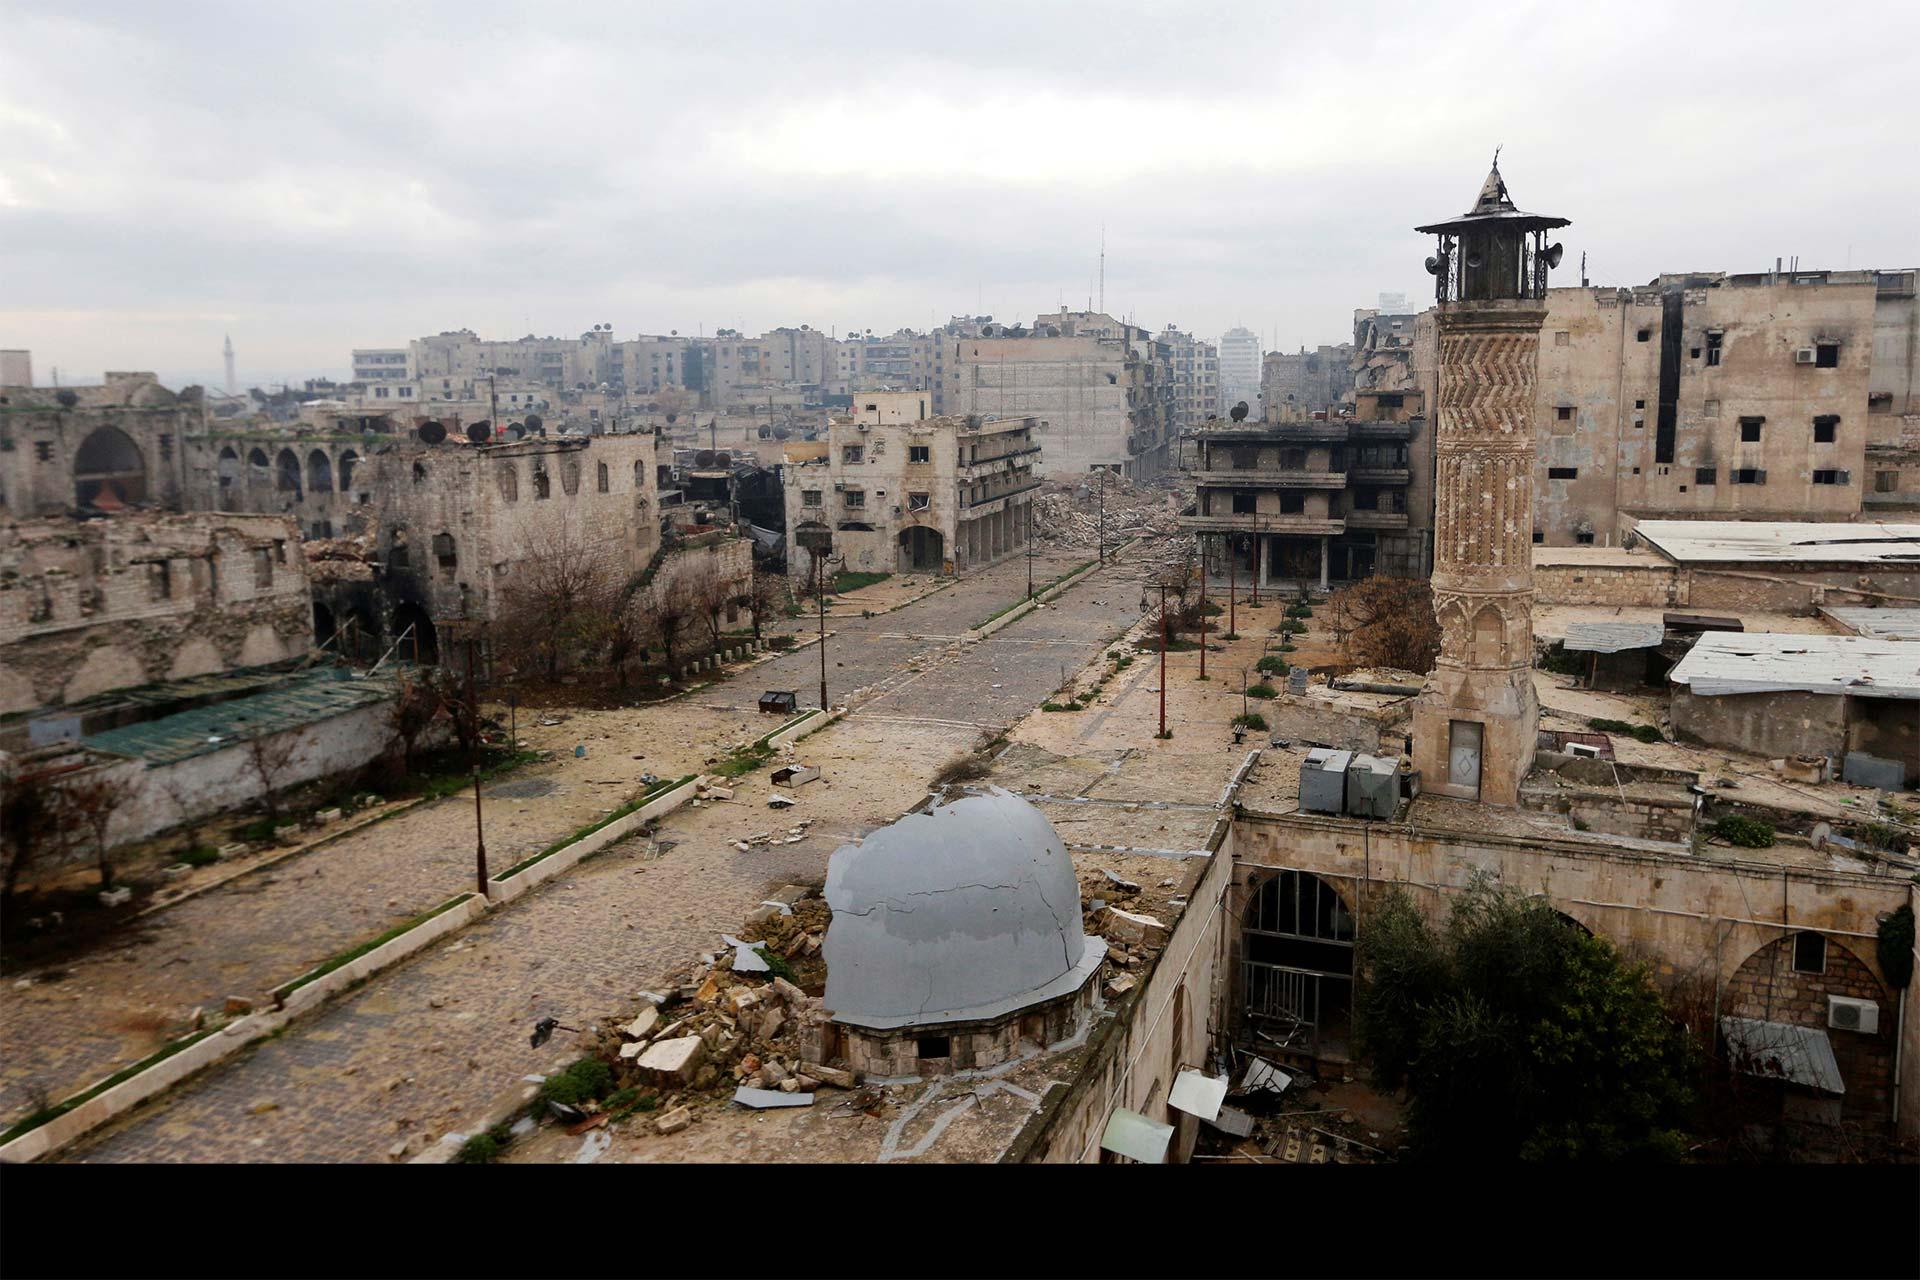 Más de 50 combatientes fallecieron a causa de misiles que estallaron en Siria, según Anadolu